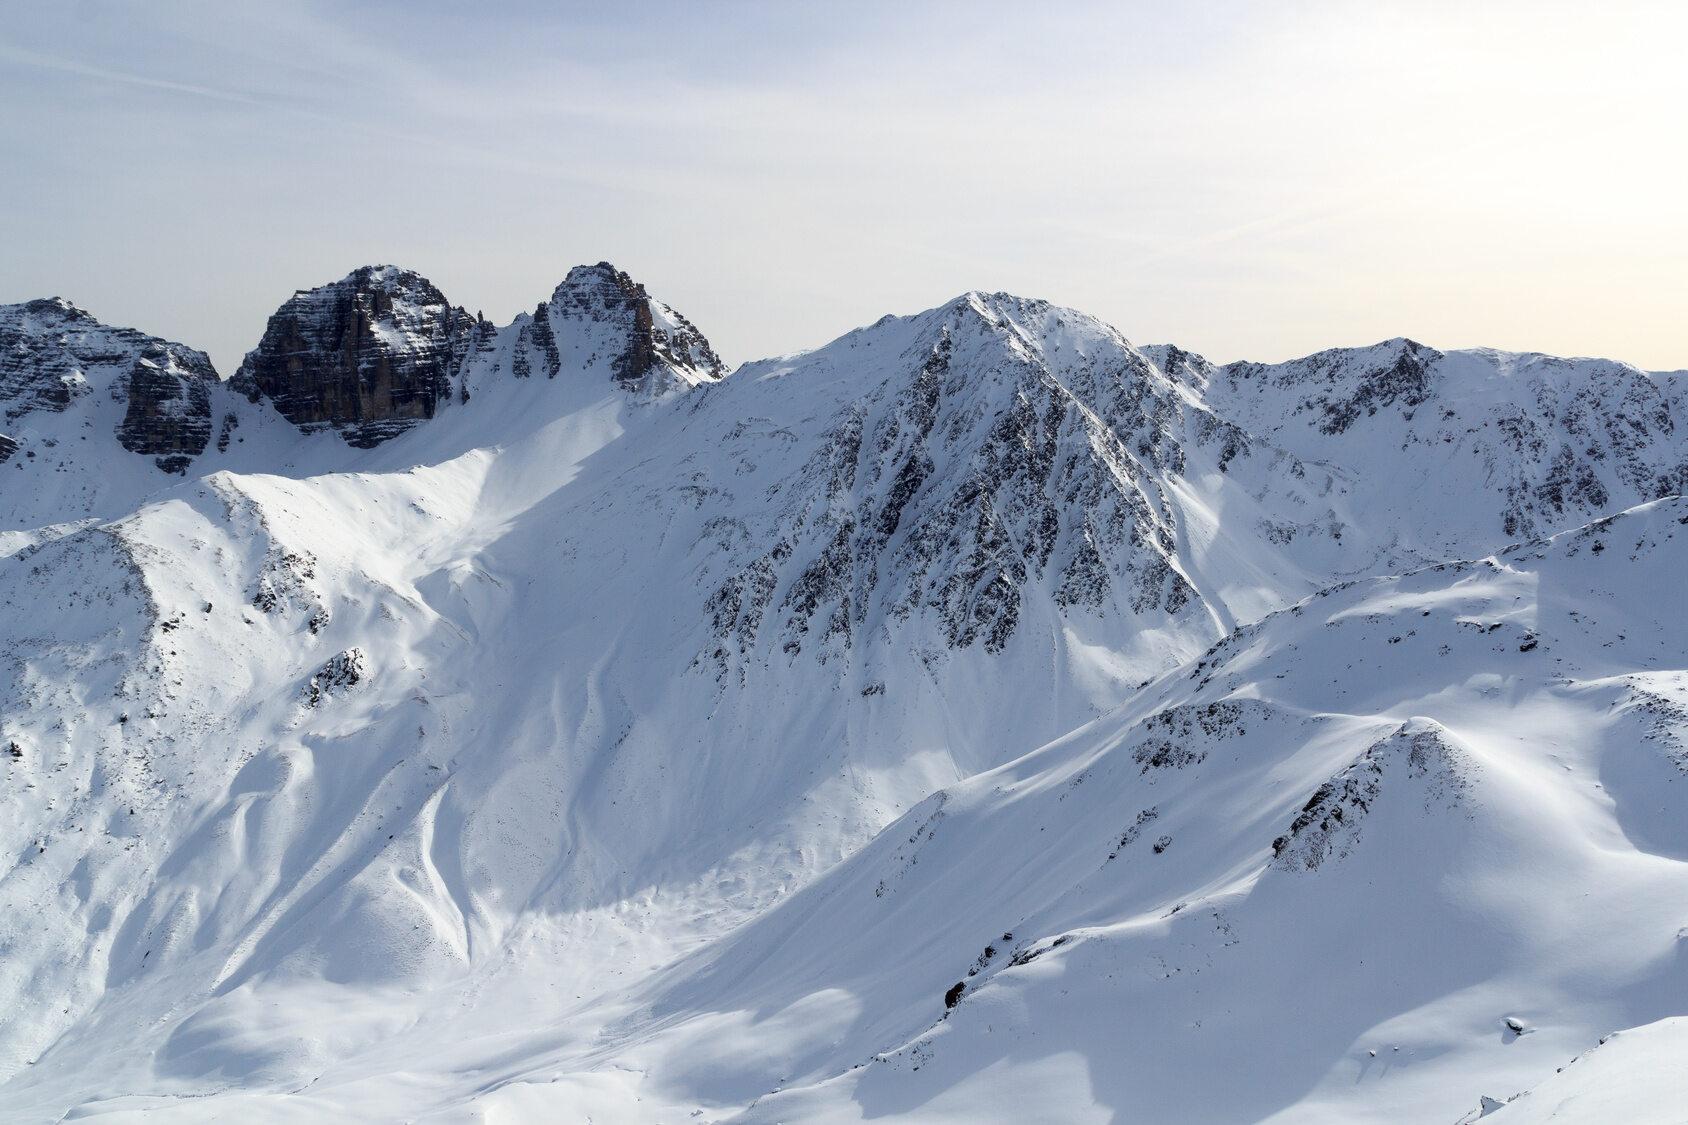 Masyw górski, zdjęcie ilustracyjne